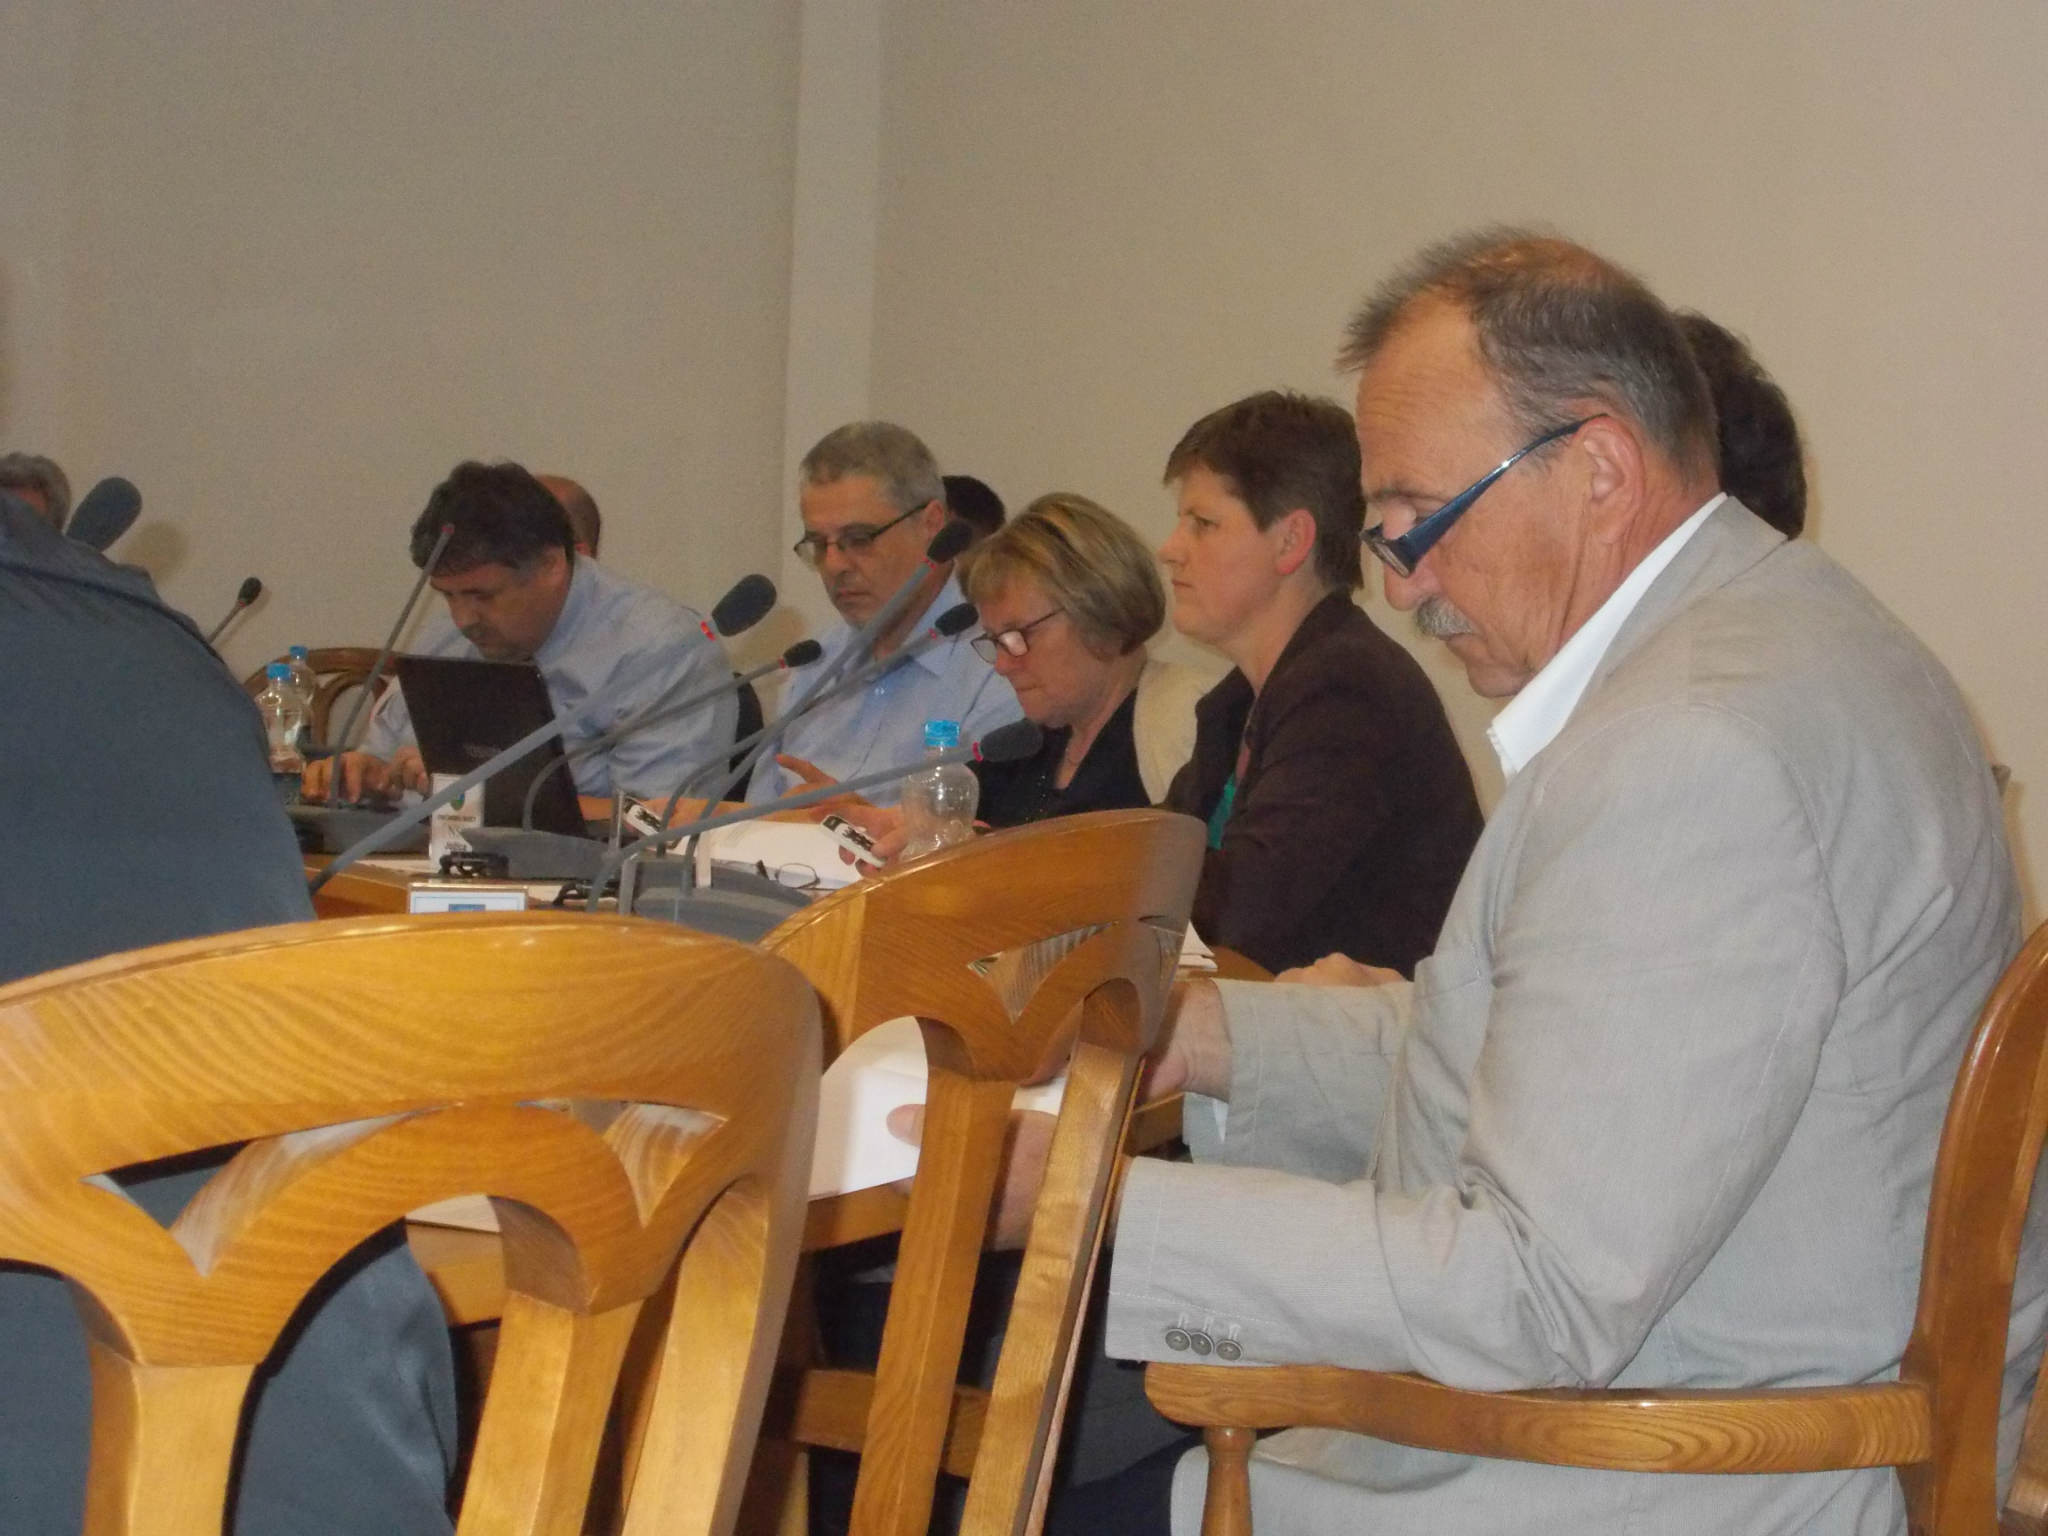 Občinski svet na včerajšnji seji potrdil zaključni račun proračuna občine ORMOŽ za leto 2014